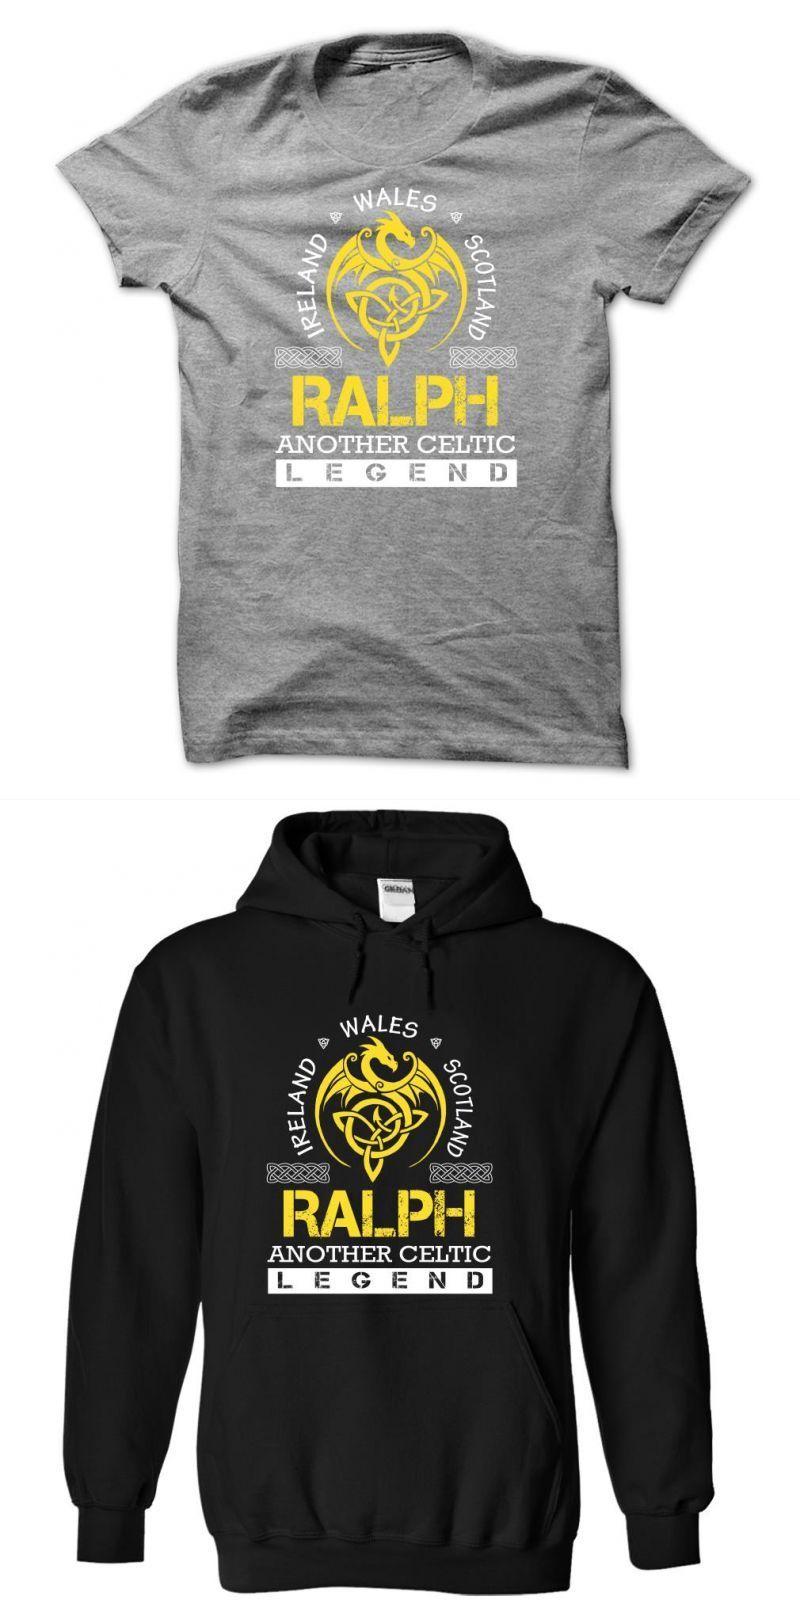 Ralph Ralph Lauren T Shirts In Bulk #handsome #ralph #t #shirt ...